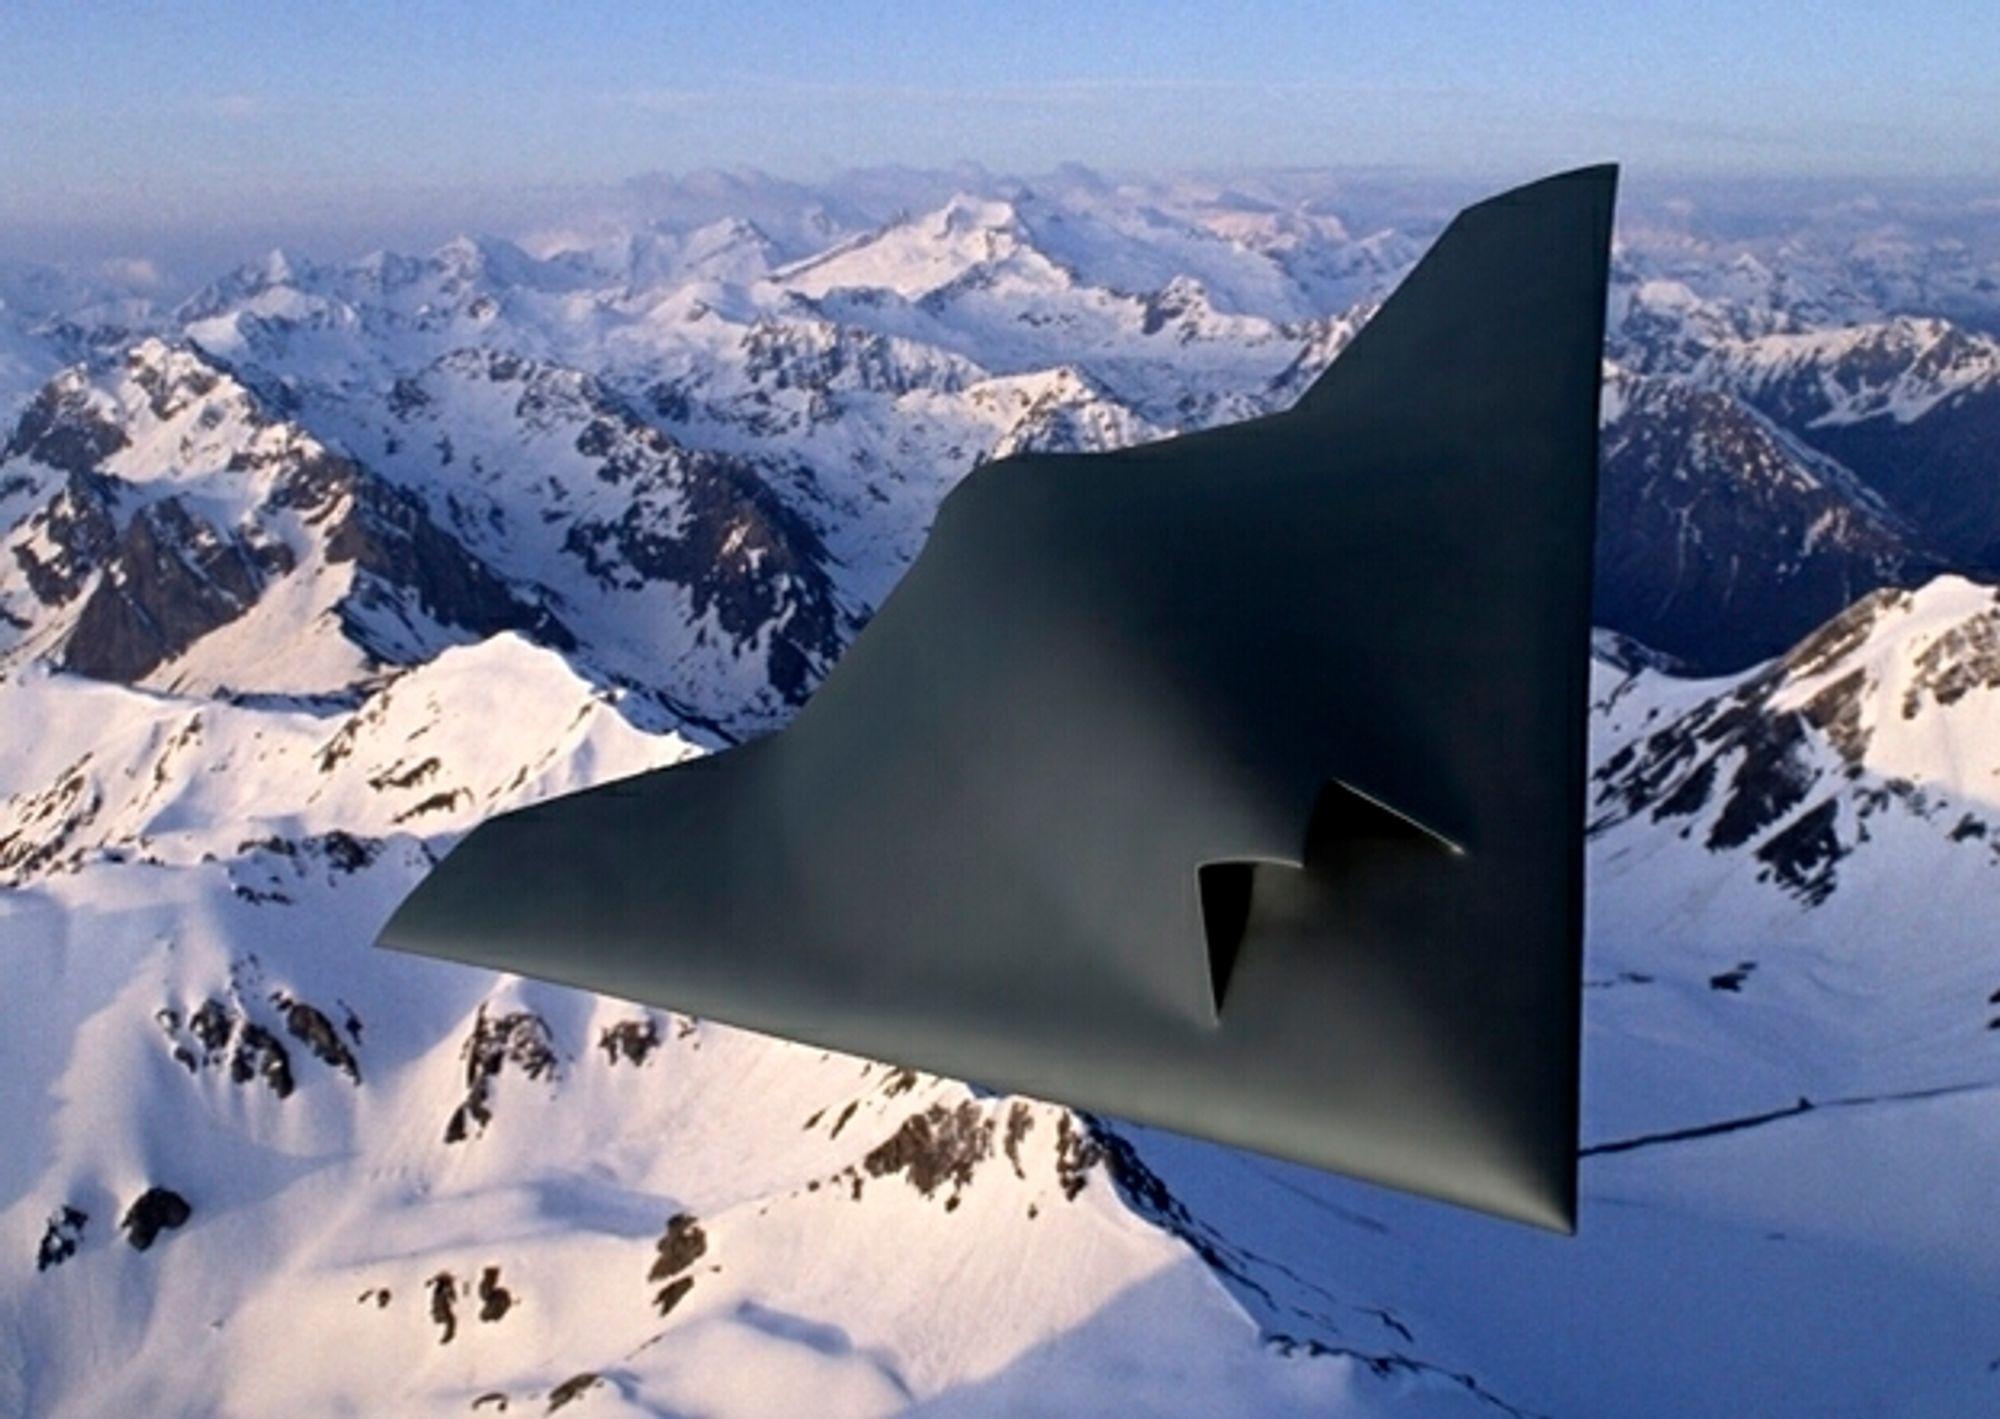 Danker ut. Saab Aerotech har valgt dataleverandøren Agresso, som danket ut giganten SAP.